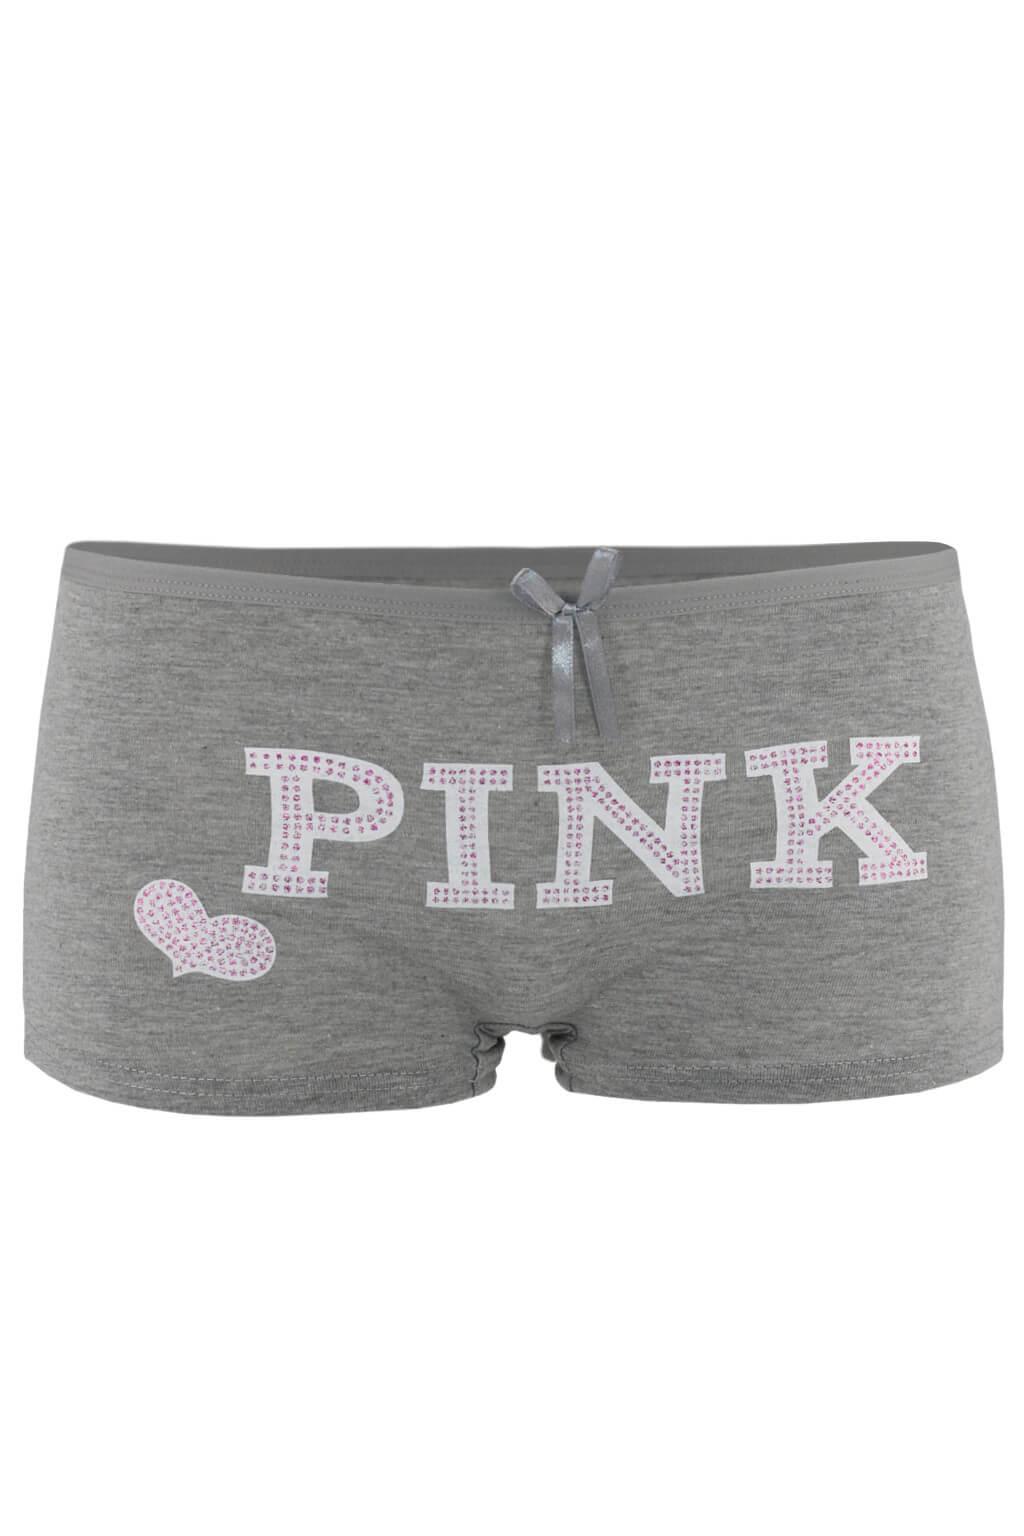 Dane boyleg kalhotky - boxerky S šedá